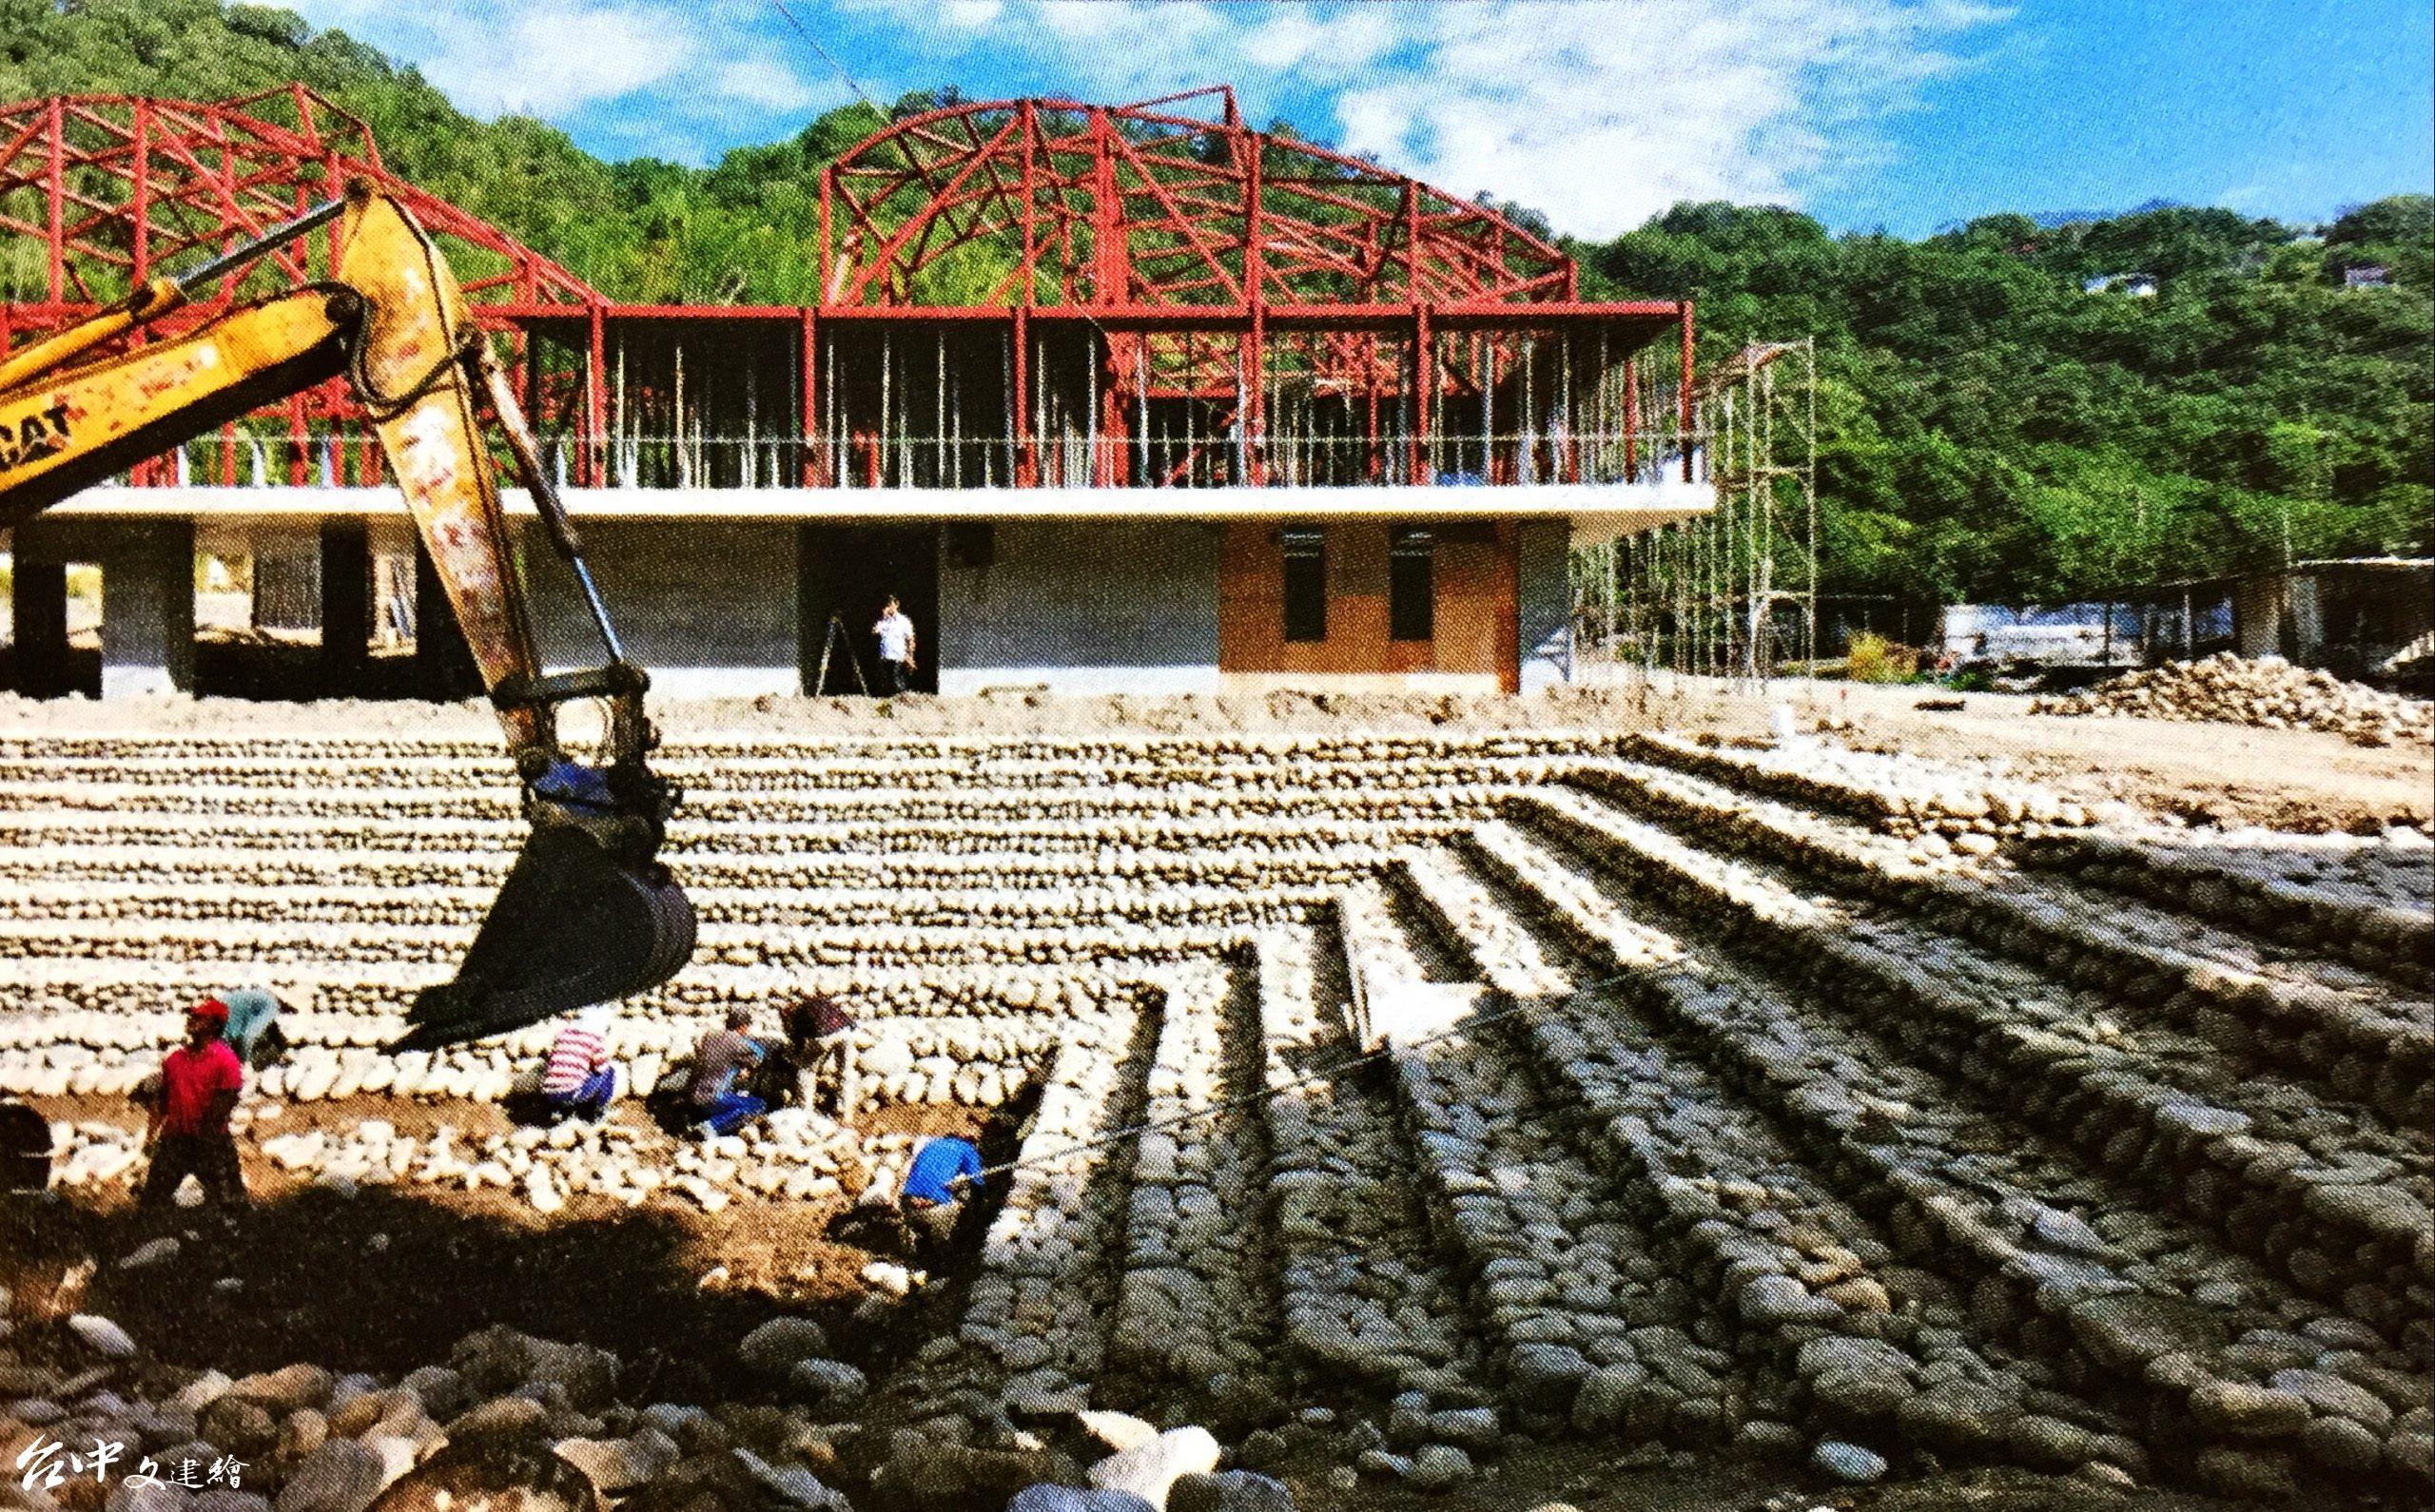 (對照圖)高雄山地育幼院新校舍為回字型,前為滯洪池。(圖:原點出版)